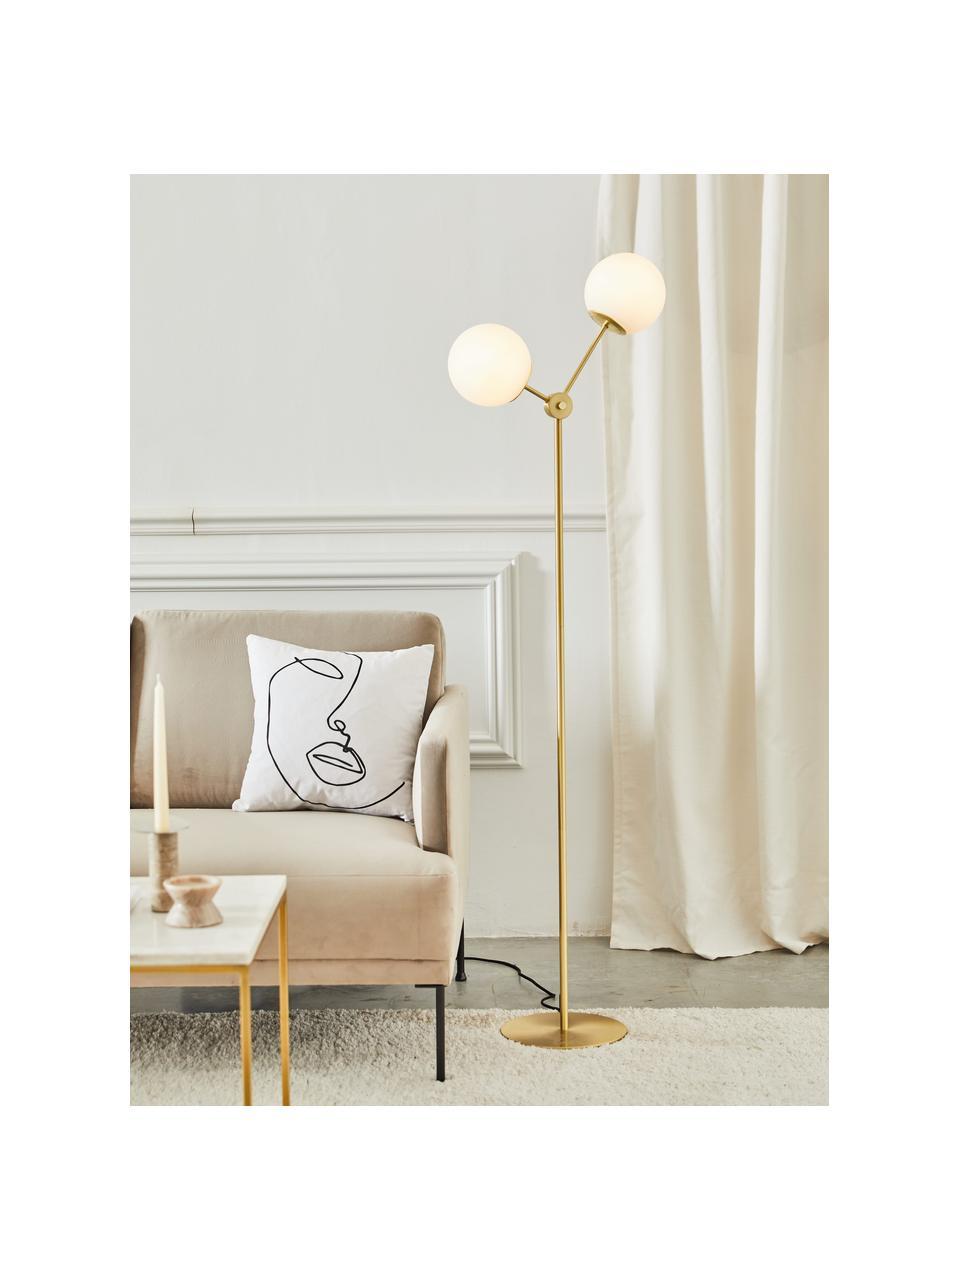 Vloerlamp Aurelia van opaalglas, Lampvoet: vermessingd metaal, Messingkleurig, wit, Ø 25 cm